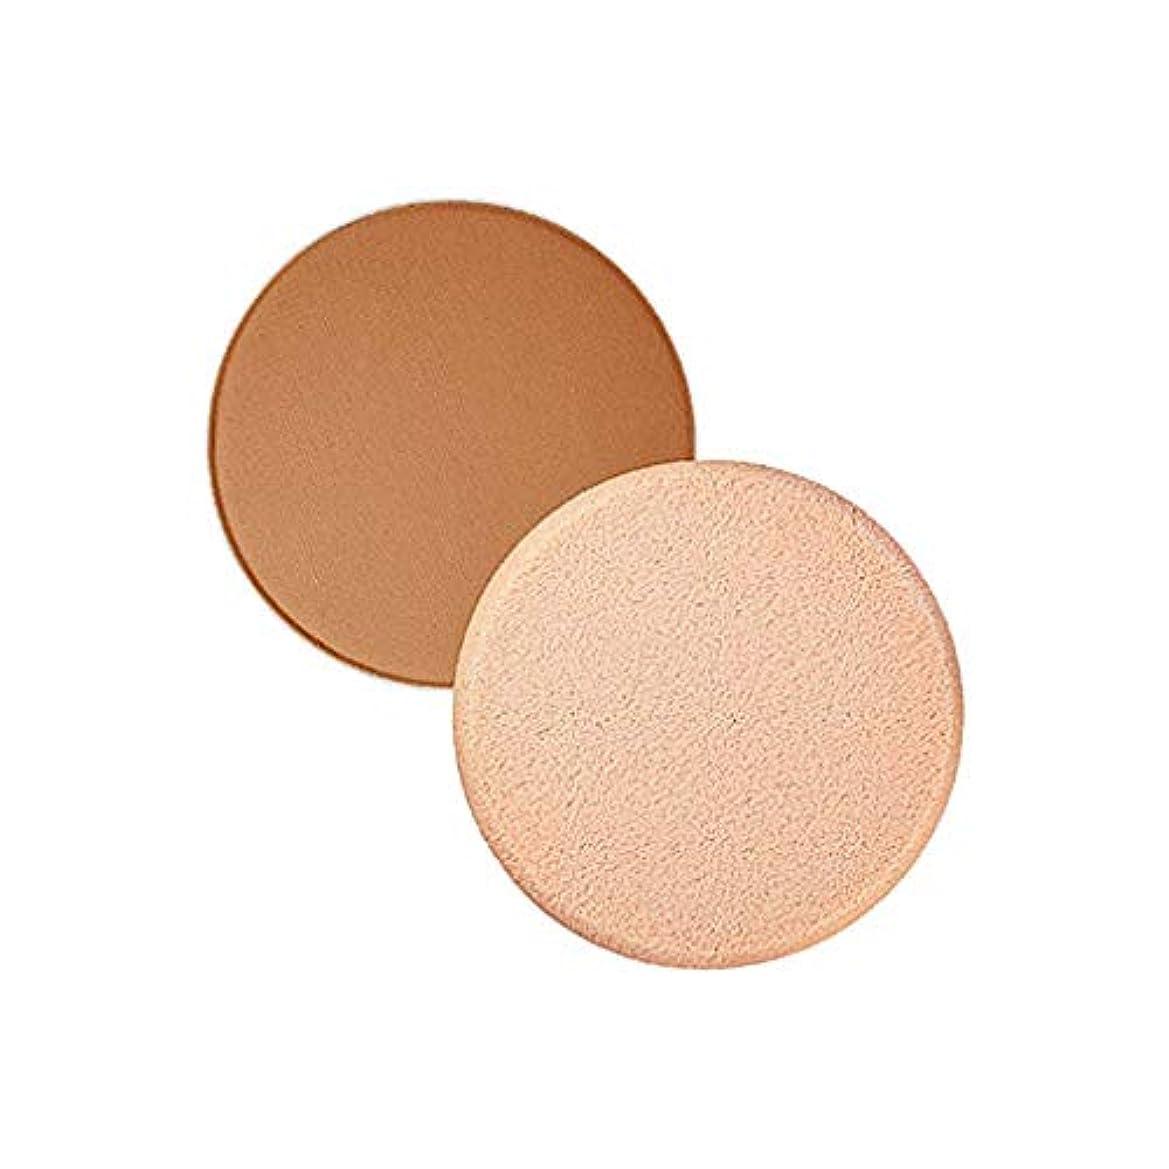 肌シガレットなしで資生堂 UV Protective Compact Foundation SPF 36 Refill - # SP40 Medium Ochre 12g/0.42oz並行輸入品